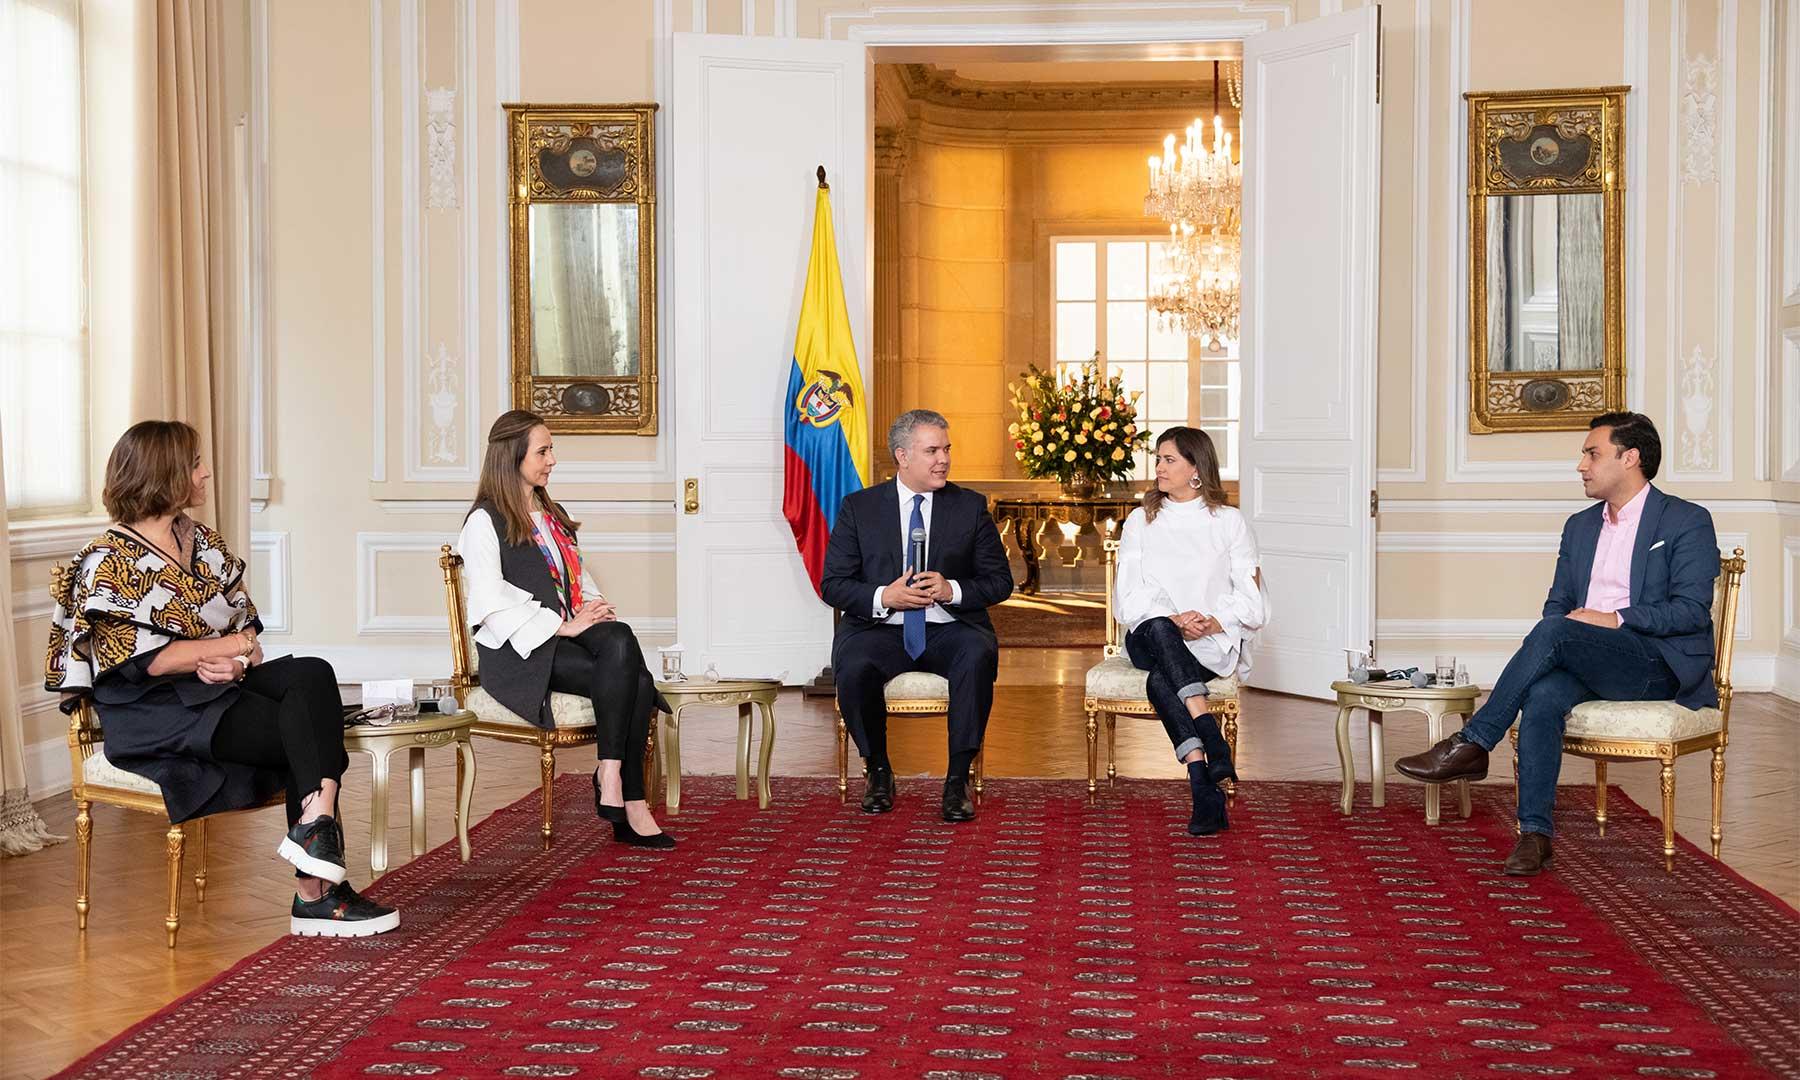 Presidente Iván Duque, Primera Dama, María Juliana Ruiz, Día Internacional de la Juventud, Carolina Salgado, Juan Sebastián Aran